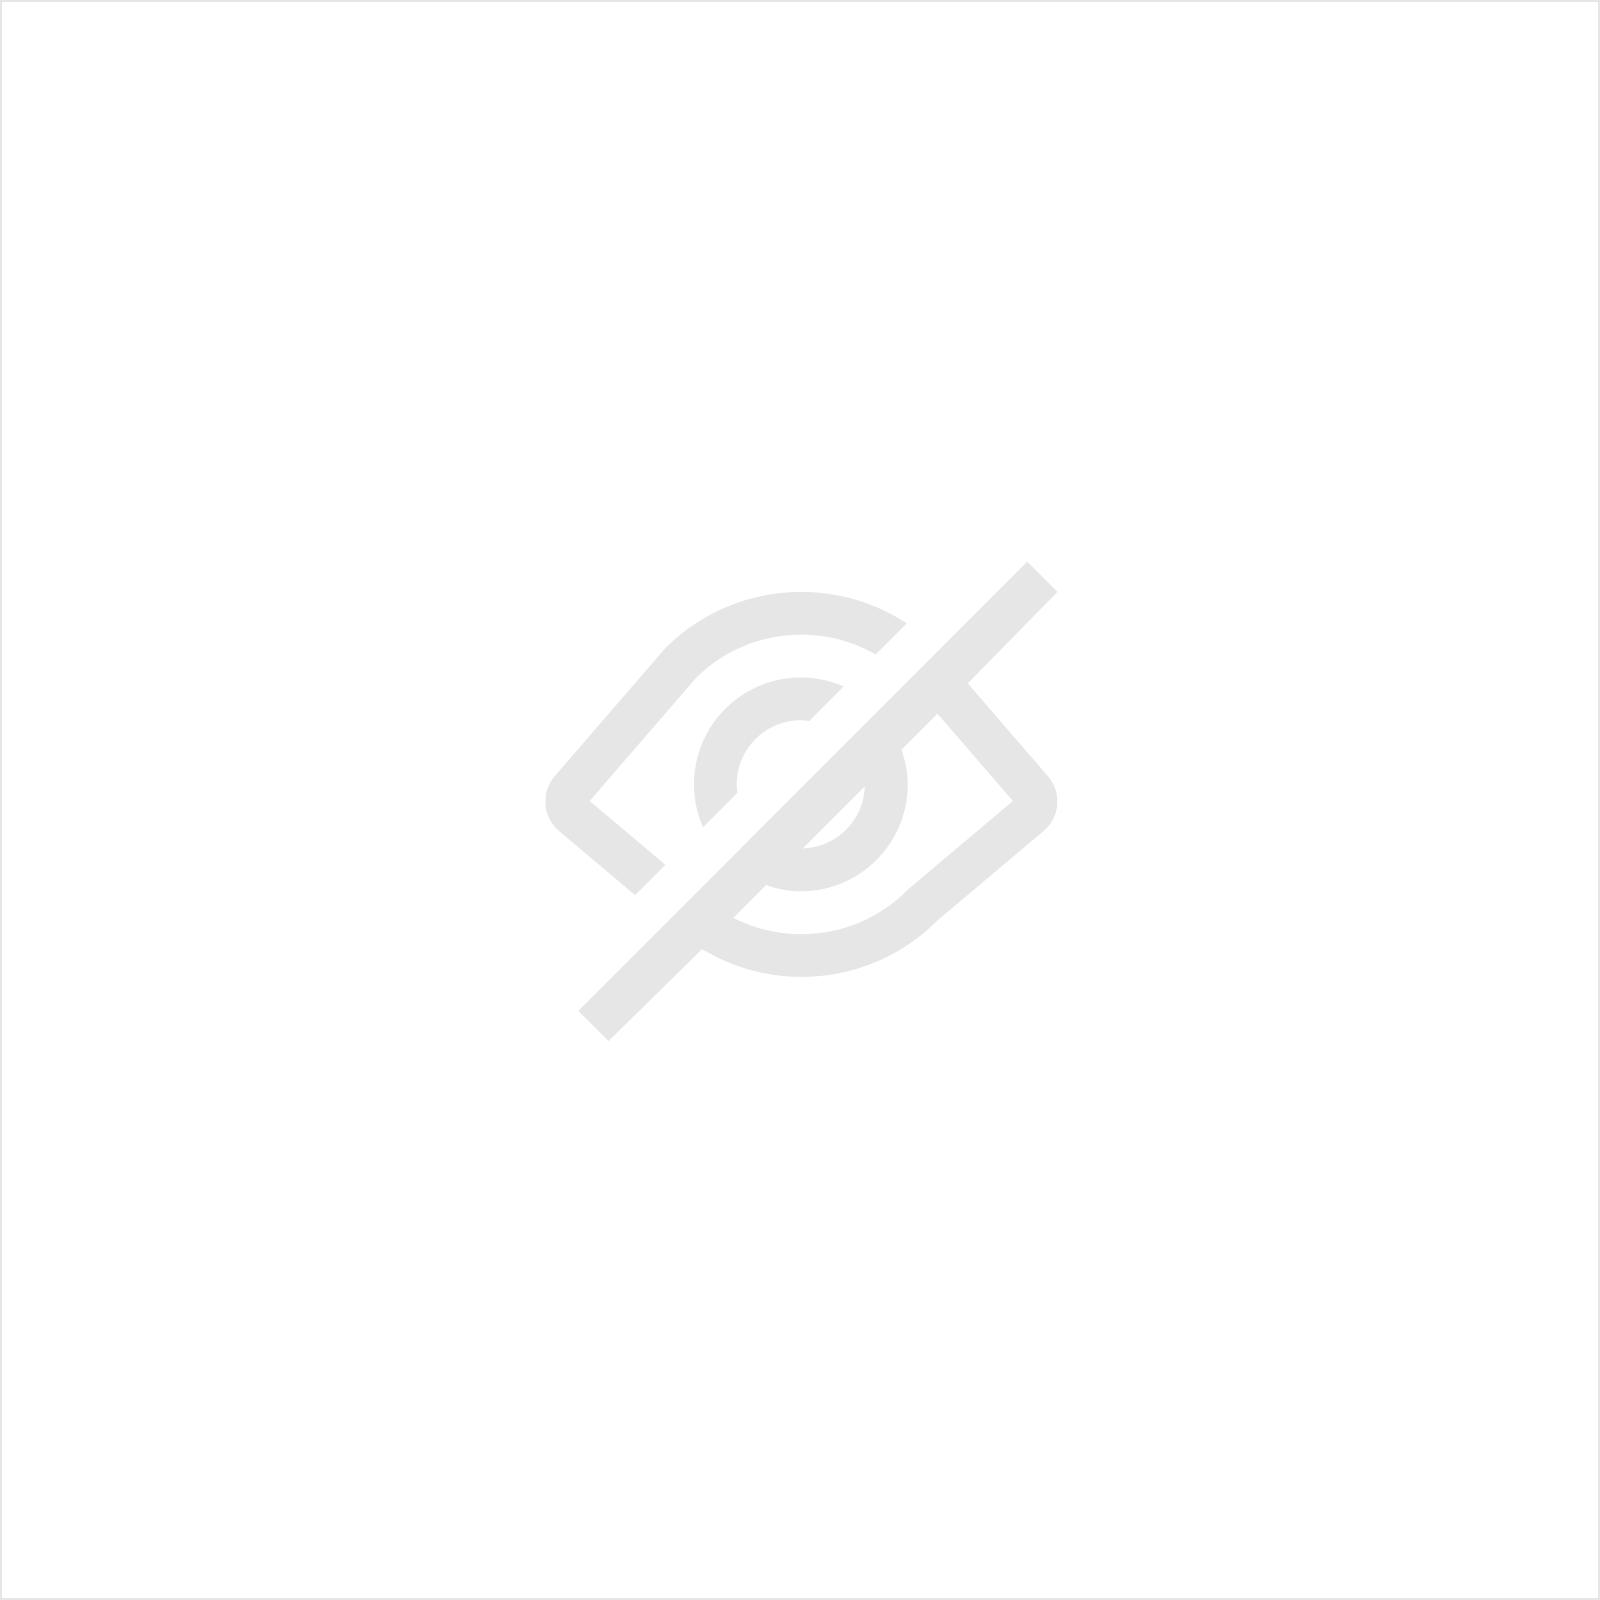 MOLETTES OPTIONELLE POUR BORDEUSE MOULUREUSE 18 MM